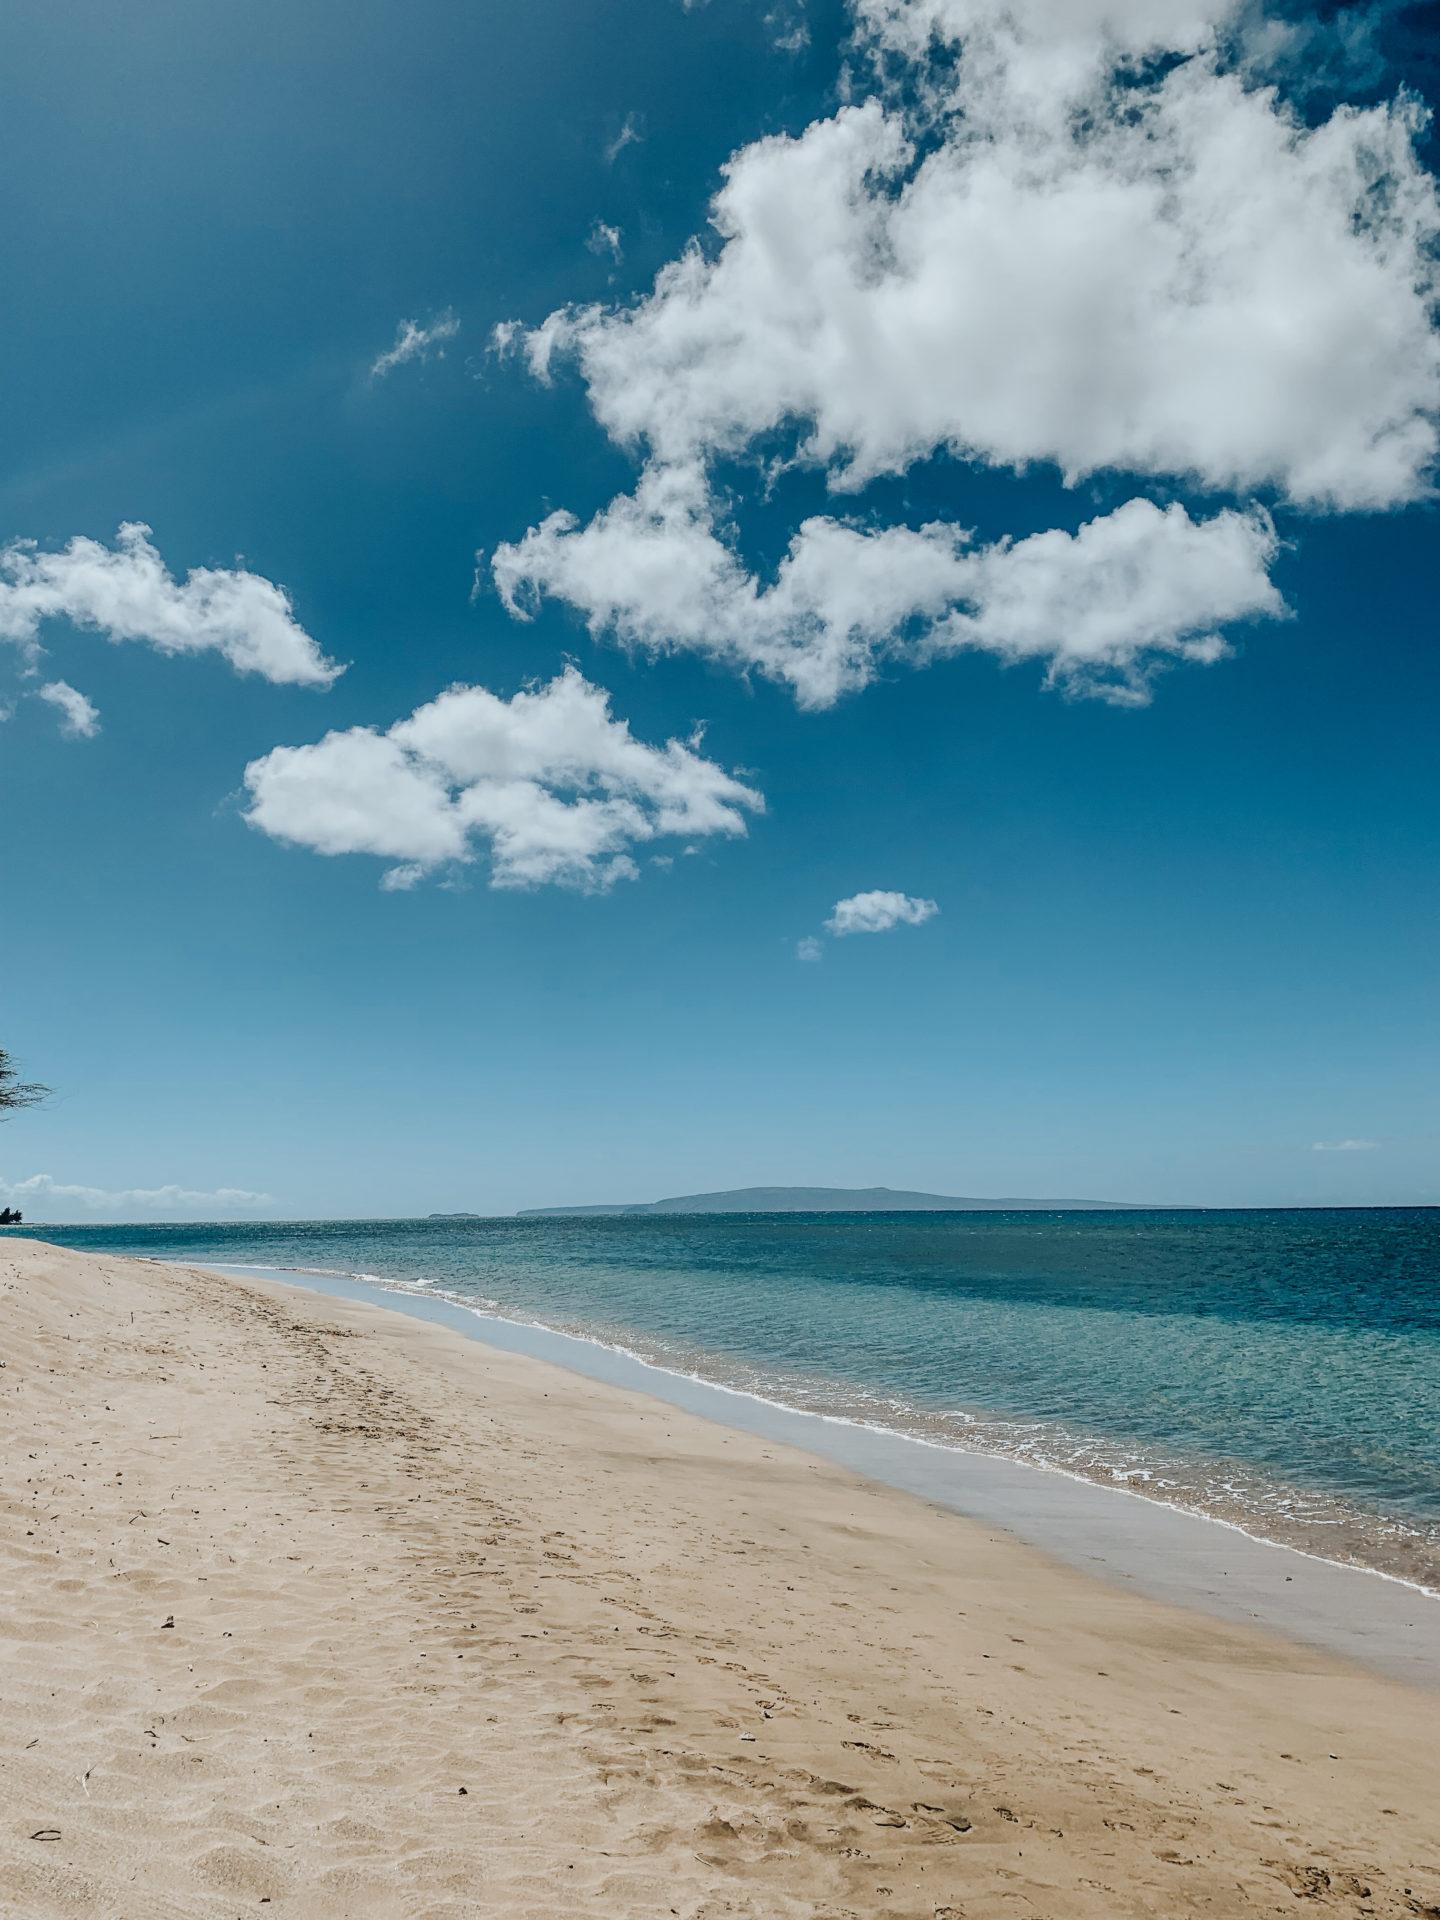 Travel Diary: Maui, Hawaii - Kihei Beaches - www.thecasualfree.com